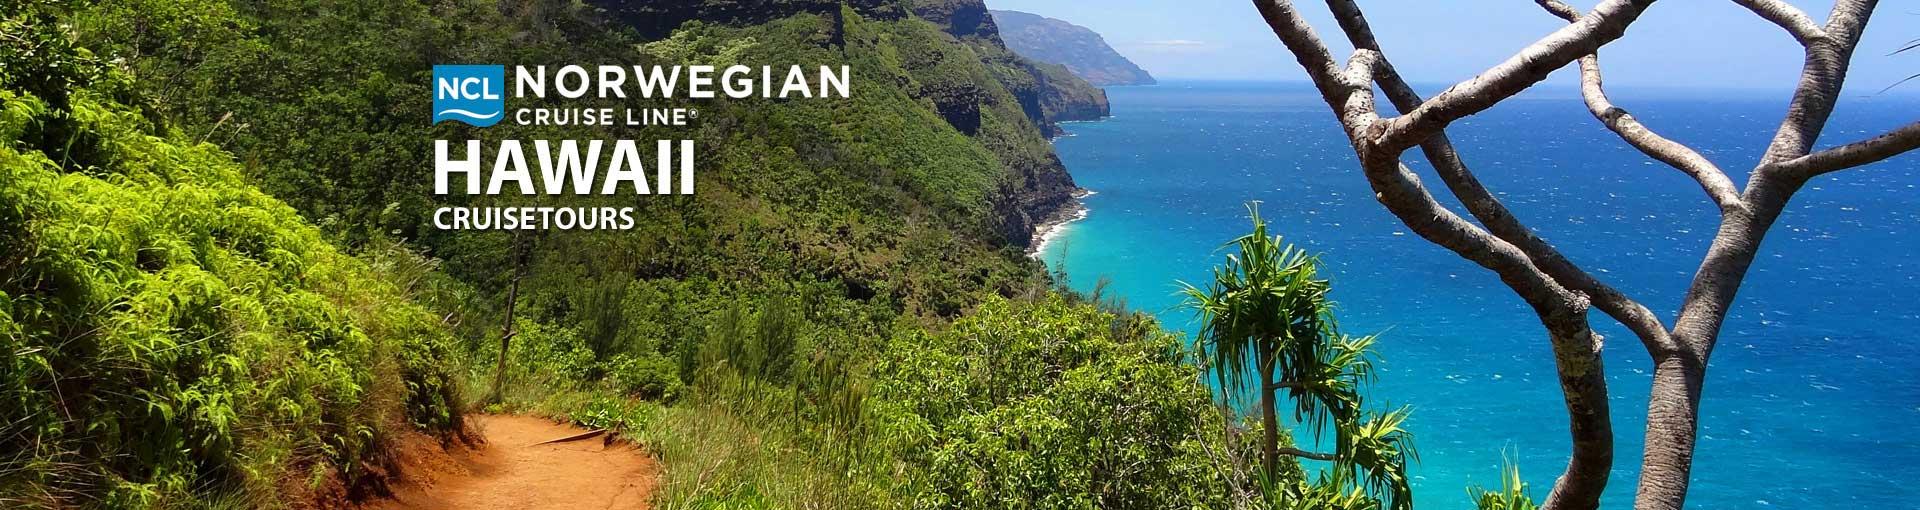 Norwegian Cruise Line Hawaii Cruisetours